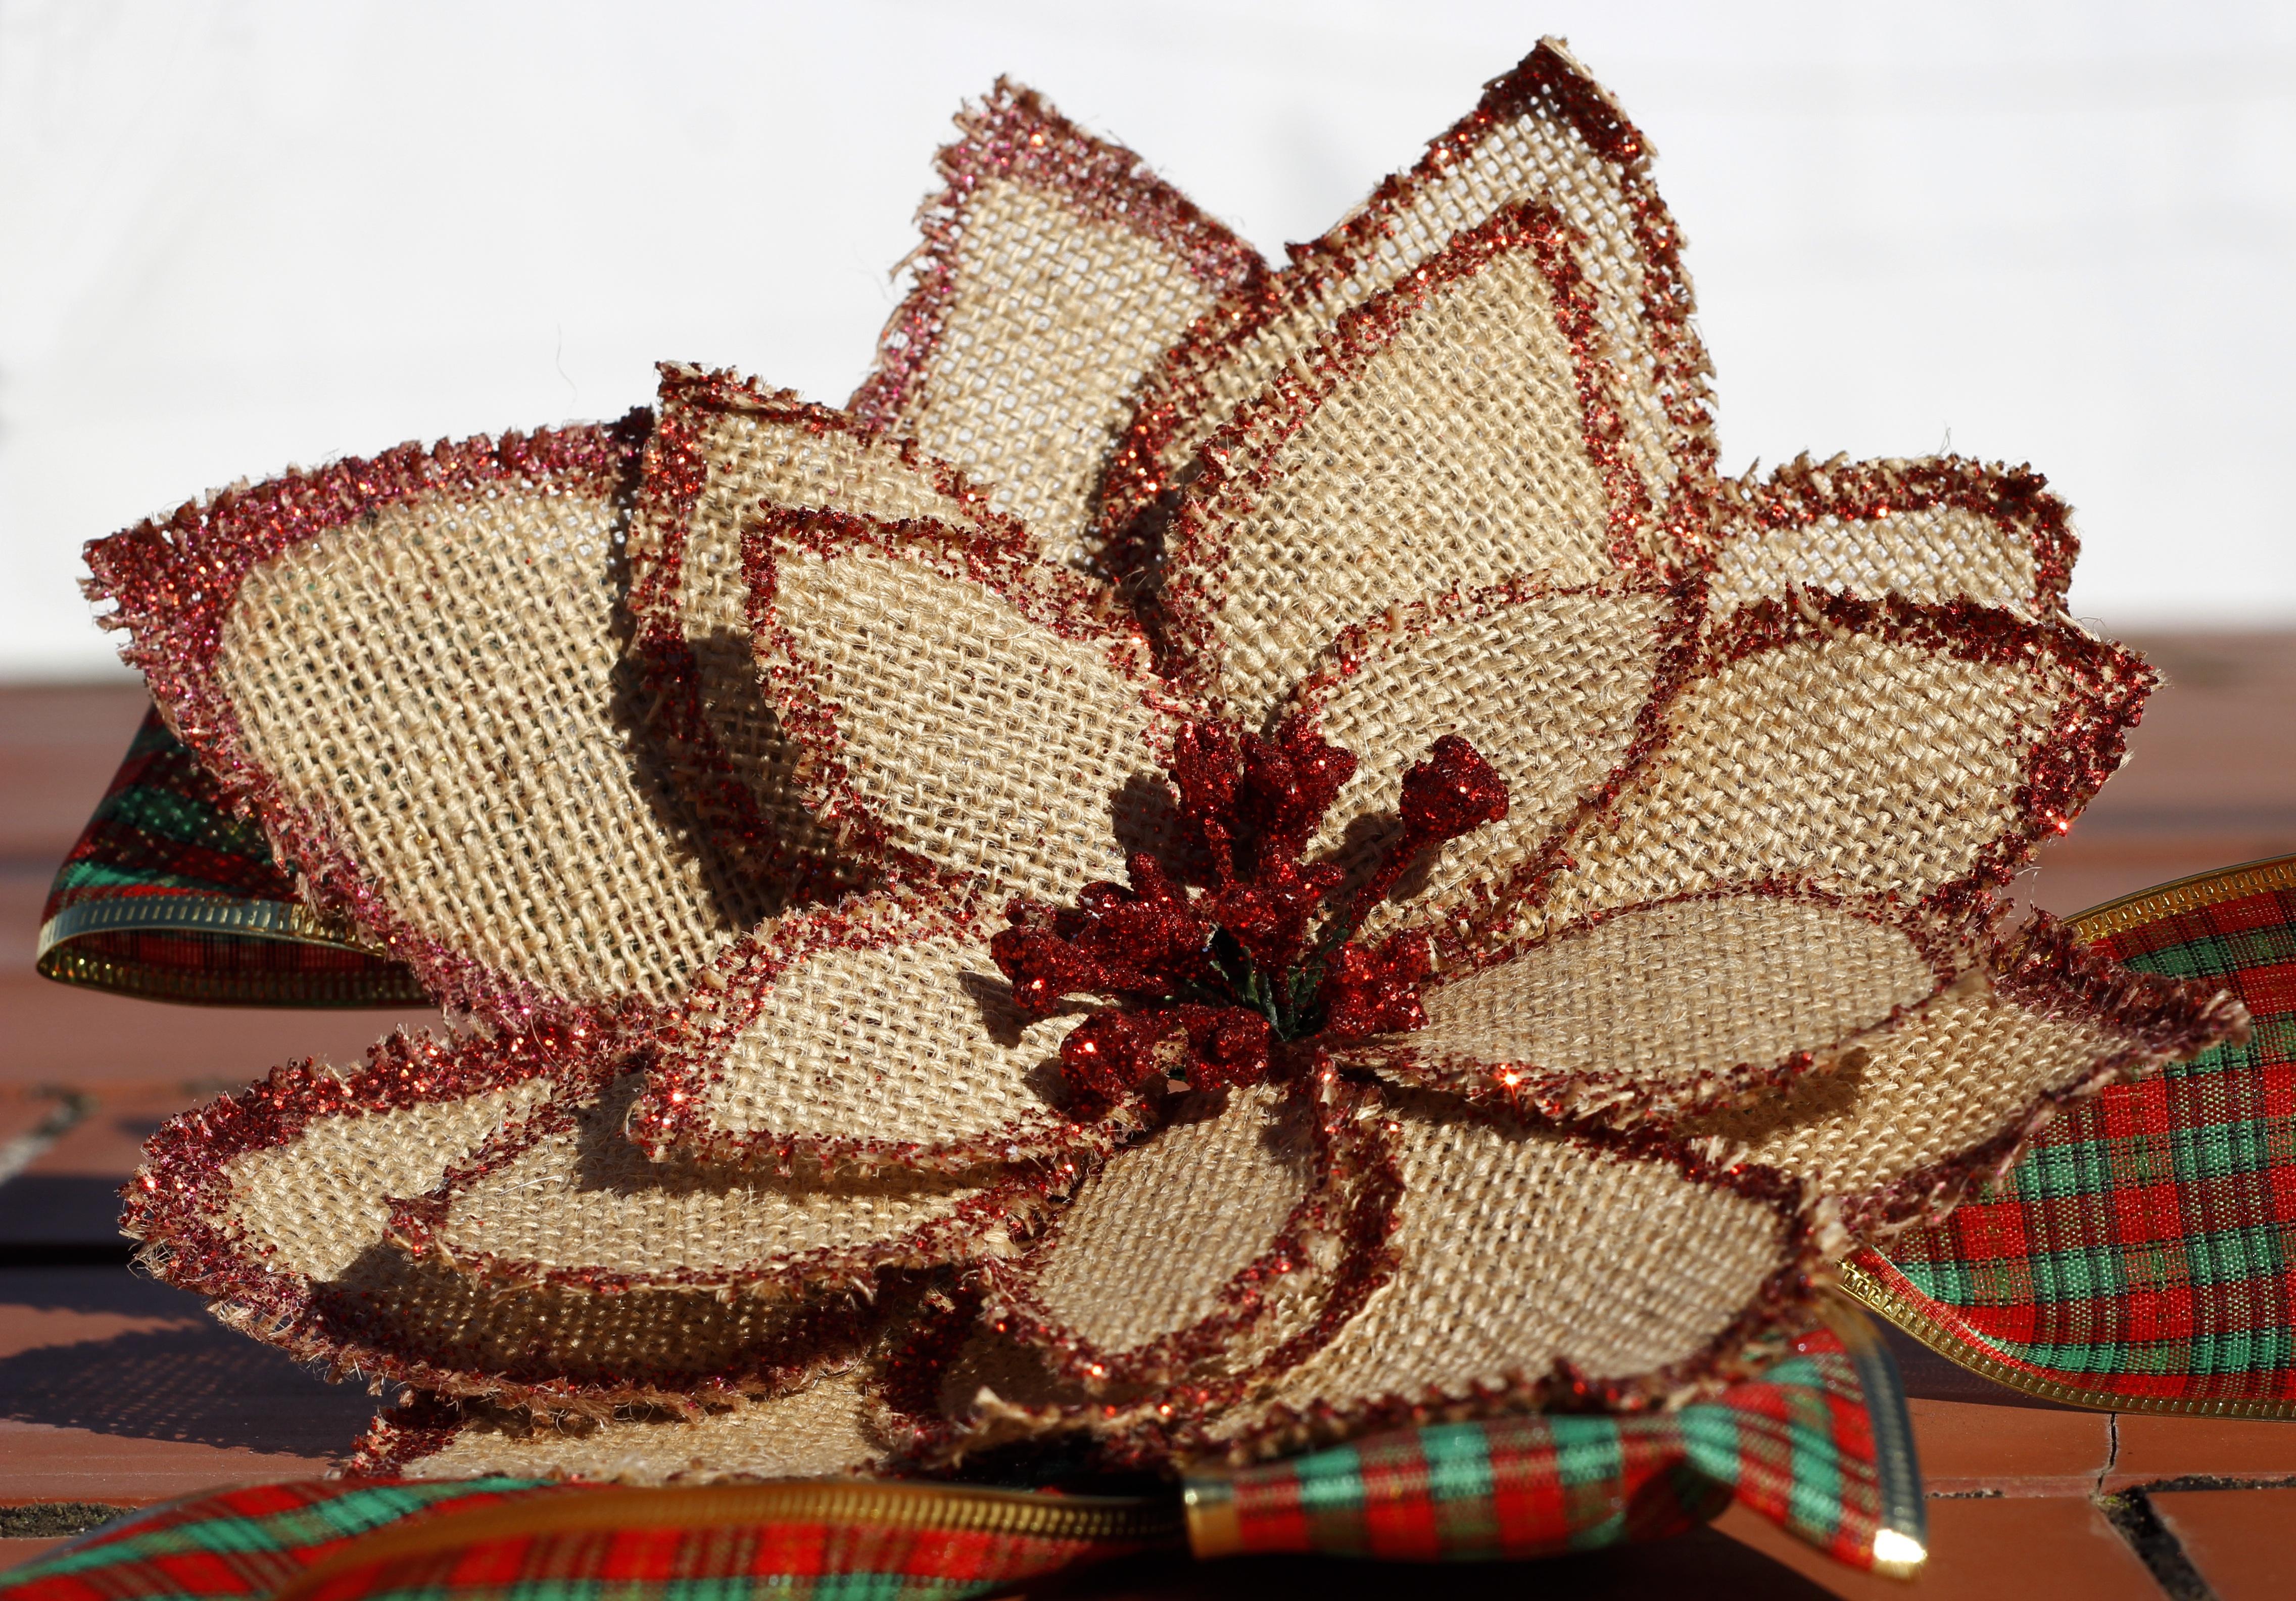 Fotos gratis : flor, decoración, patrón, arte, Navidad, material ...